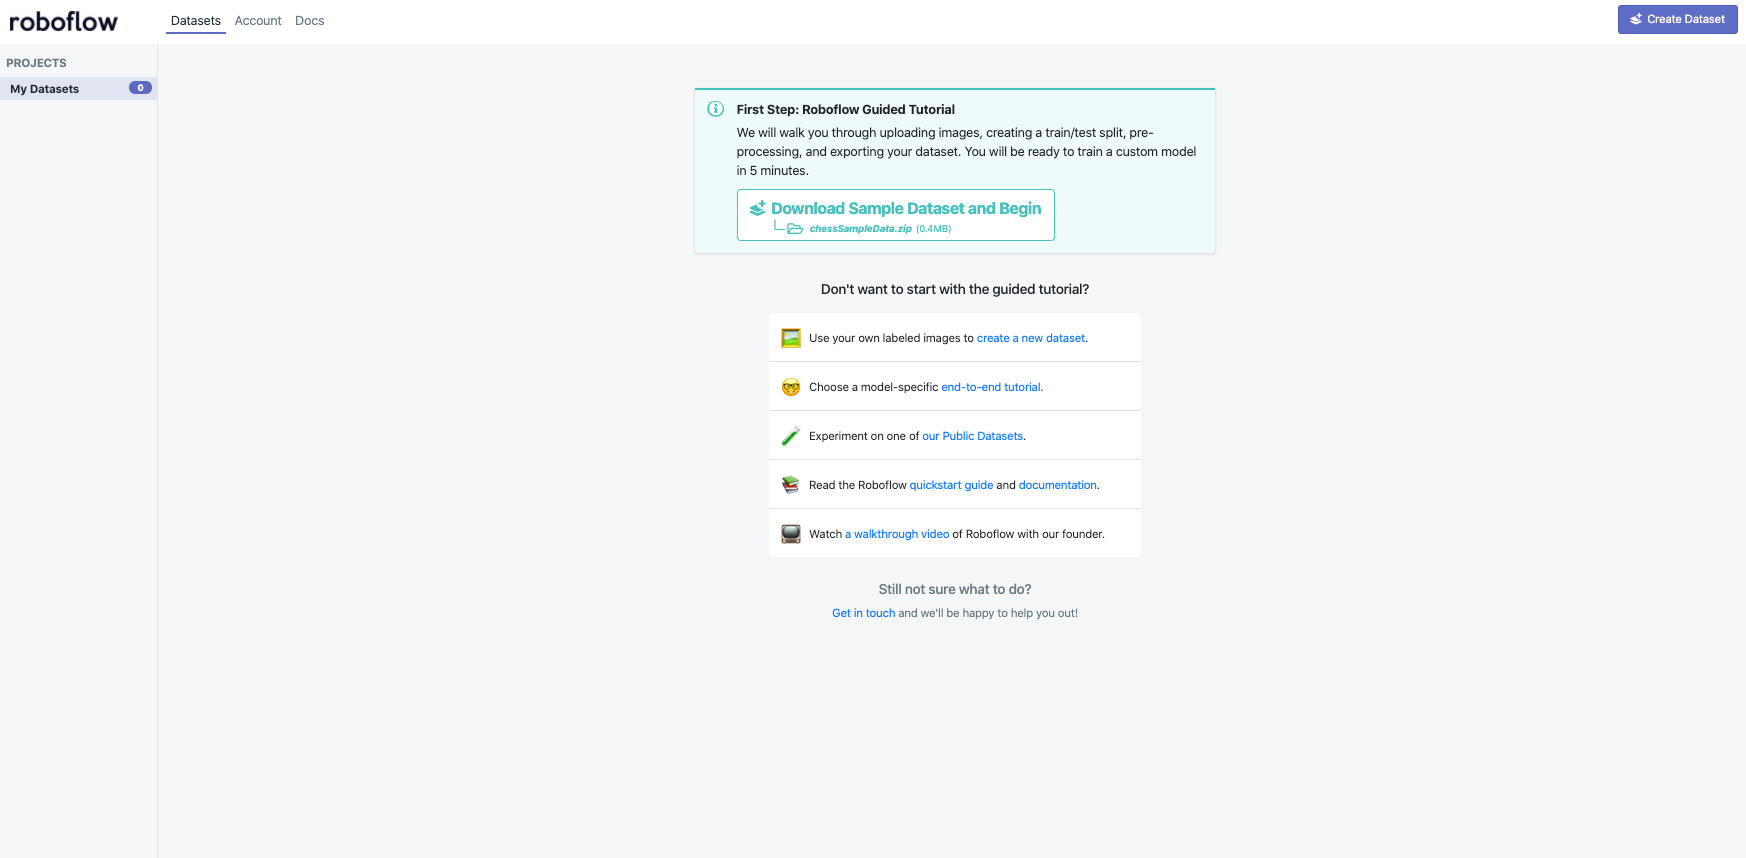 Roboflow Screenshot: First Step, Roboflow Guided Tutorial